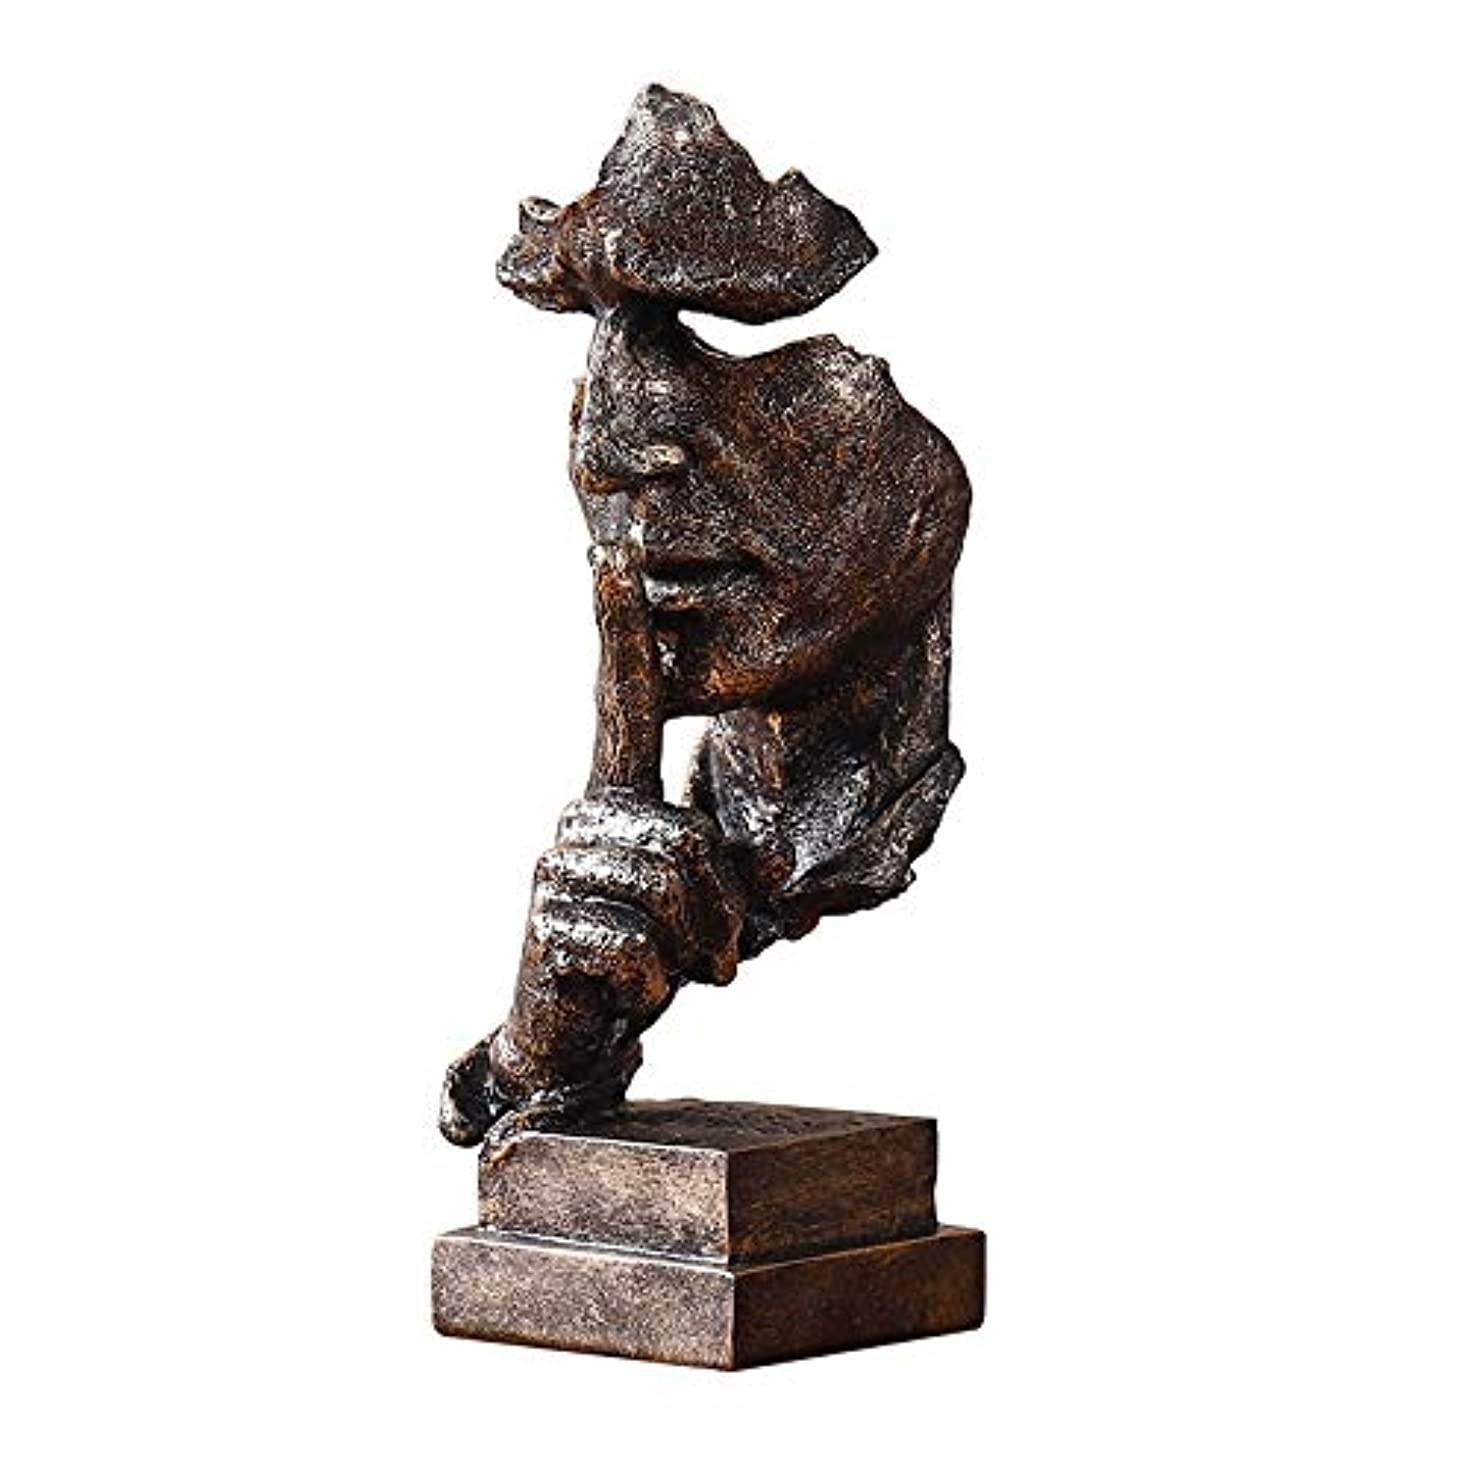 ゴム自分自身コピー樹脂抽象彫刻沈黙はゴールデン男性像キャラクター工芸品装飾用オフィスリビングルームアートワーク,Bronze